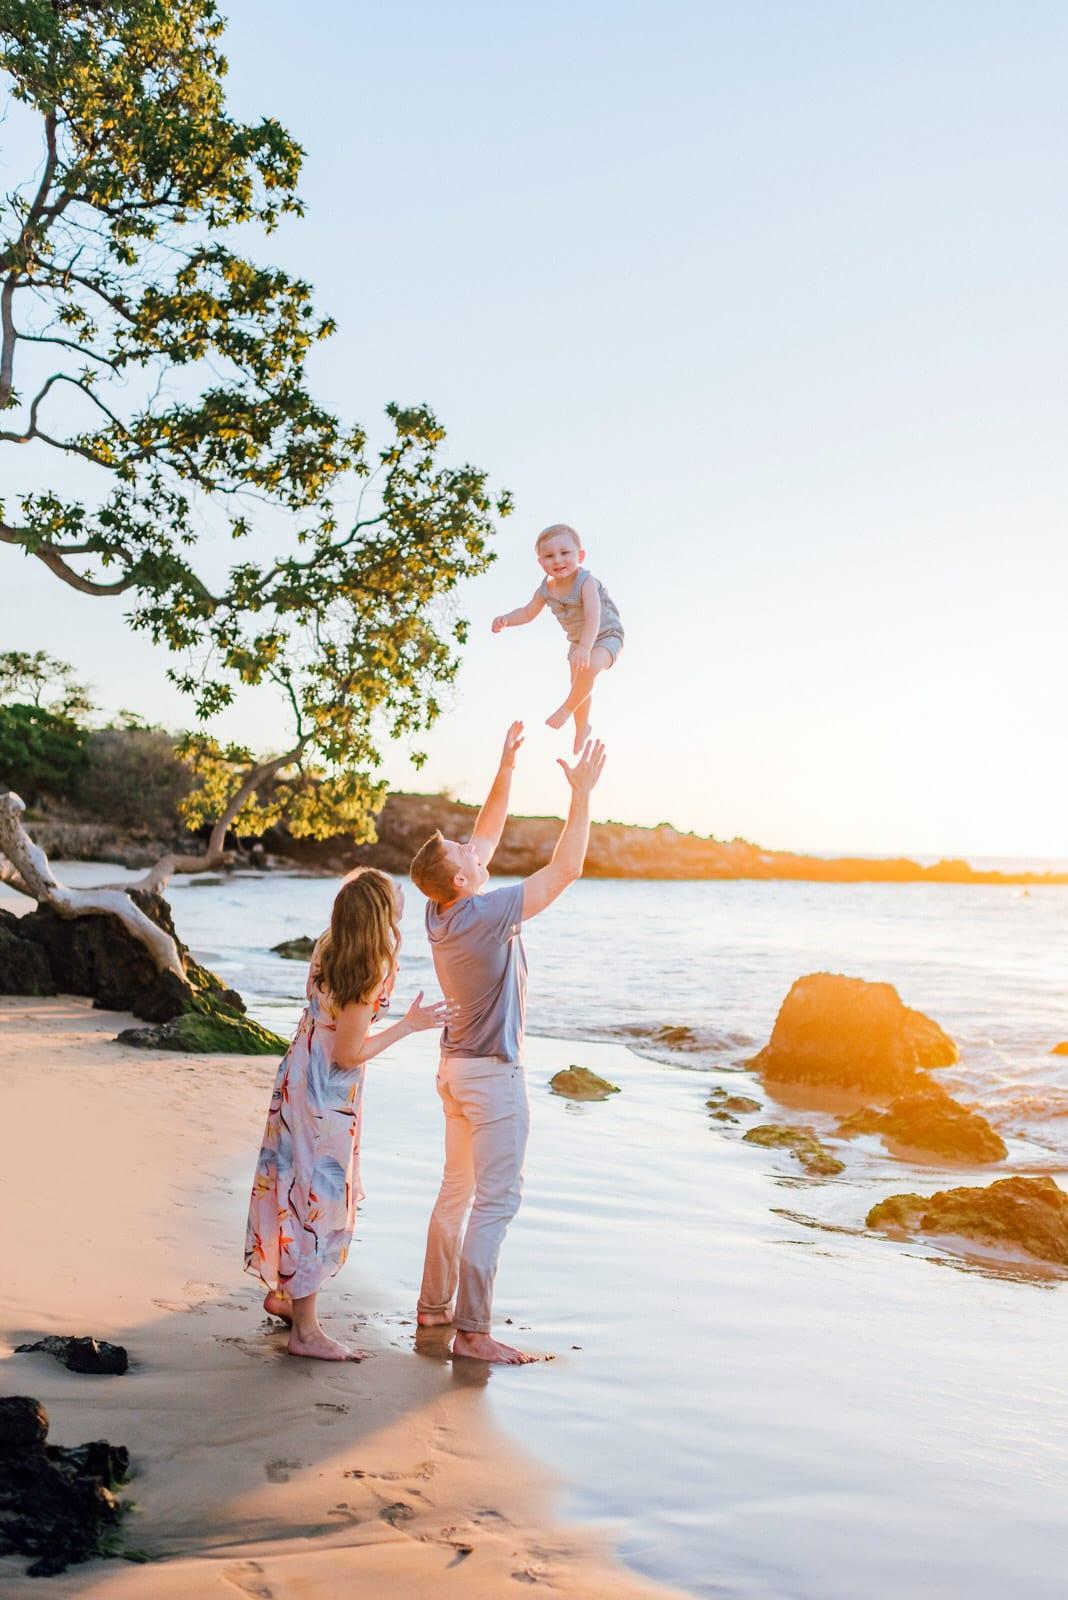 beach-family-photos-hawaii-flower-crown-12.jpg